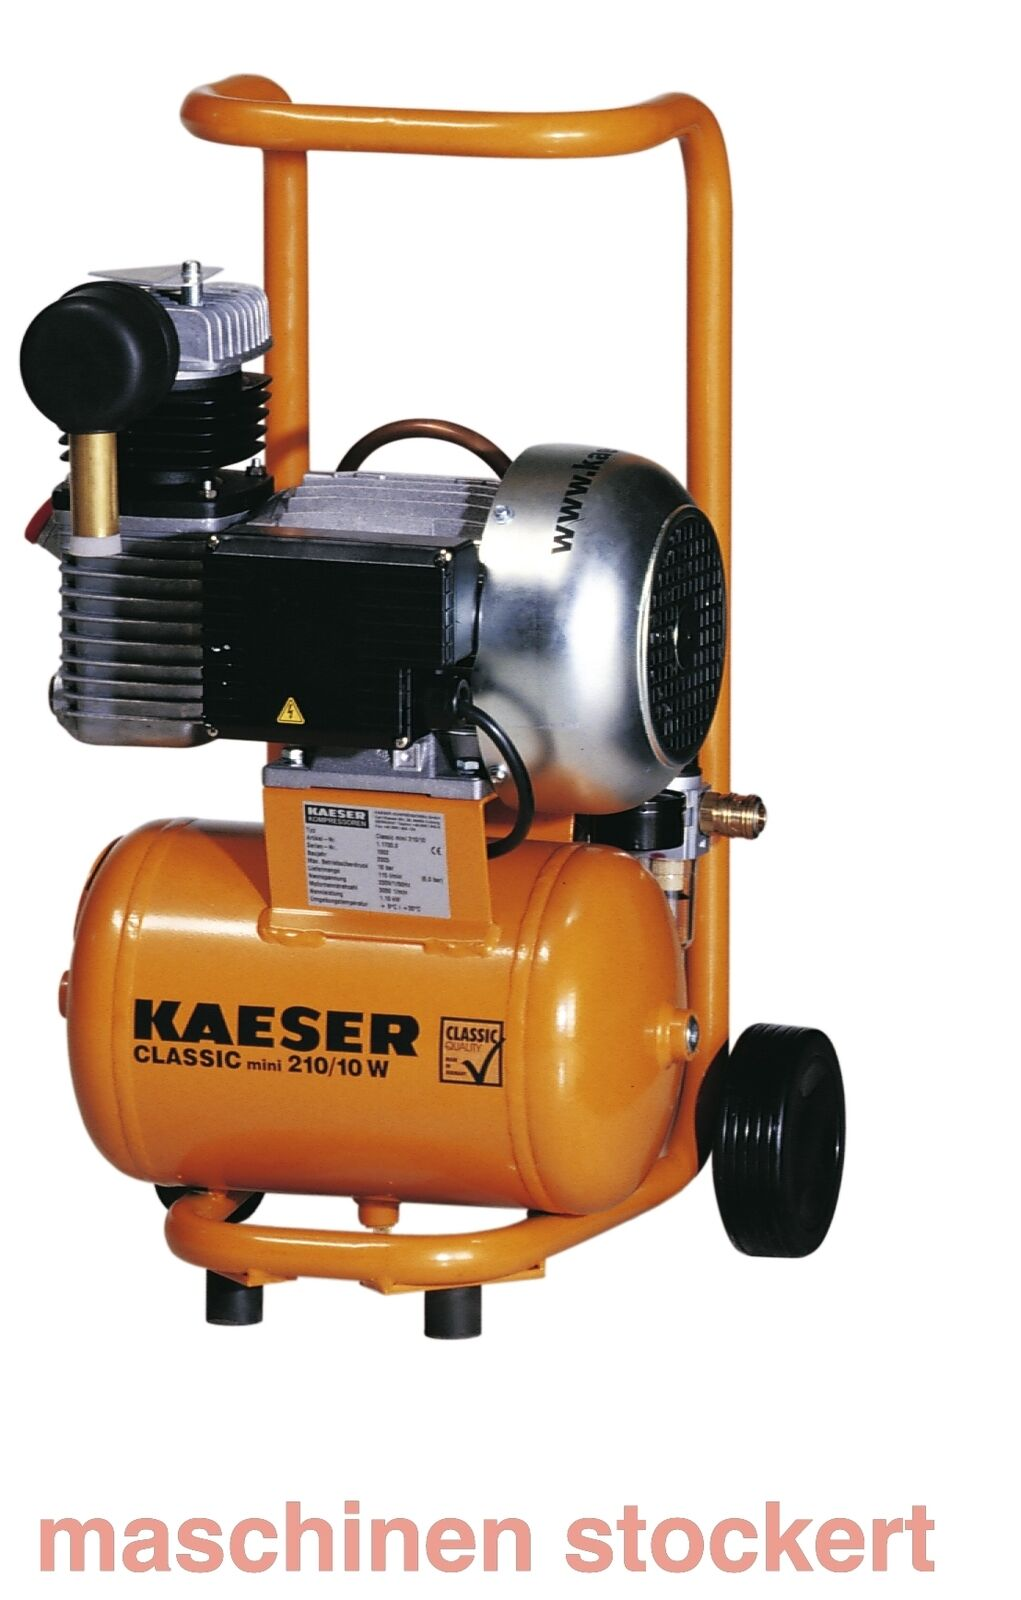 Kaeser Classic Mini 210 Kompressor, 117000, Classic Mini 210/10W